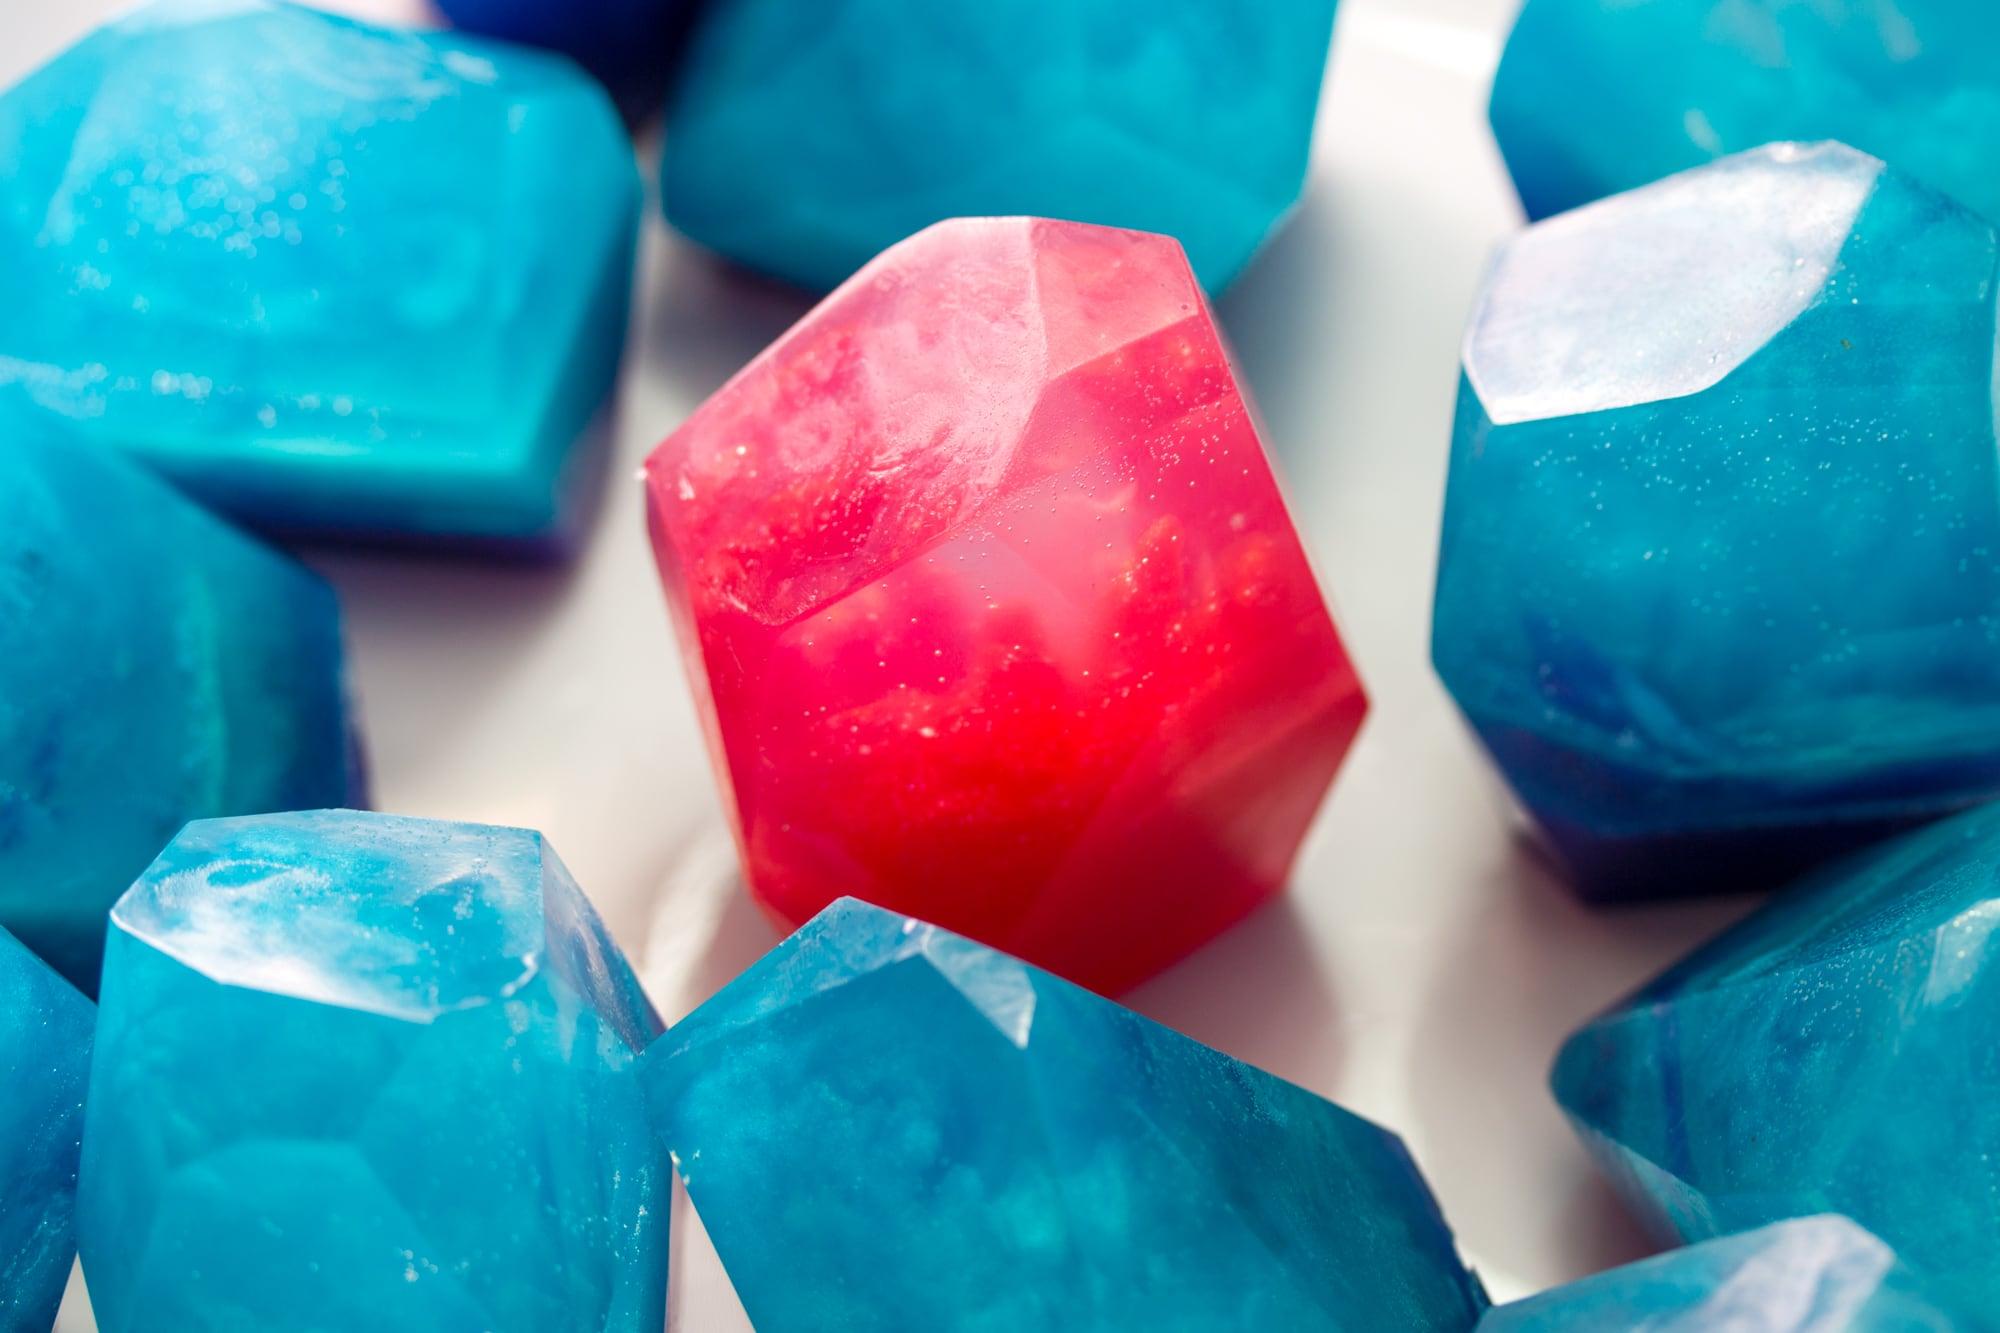 Crystal_Gemstone_Soaps_by_Happy_Handmade.jpg